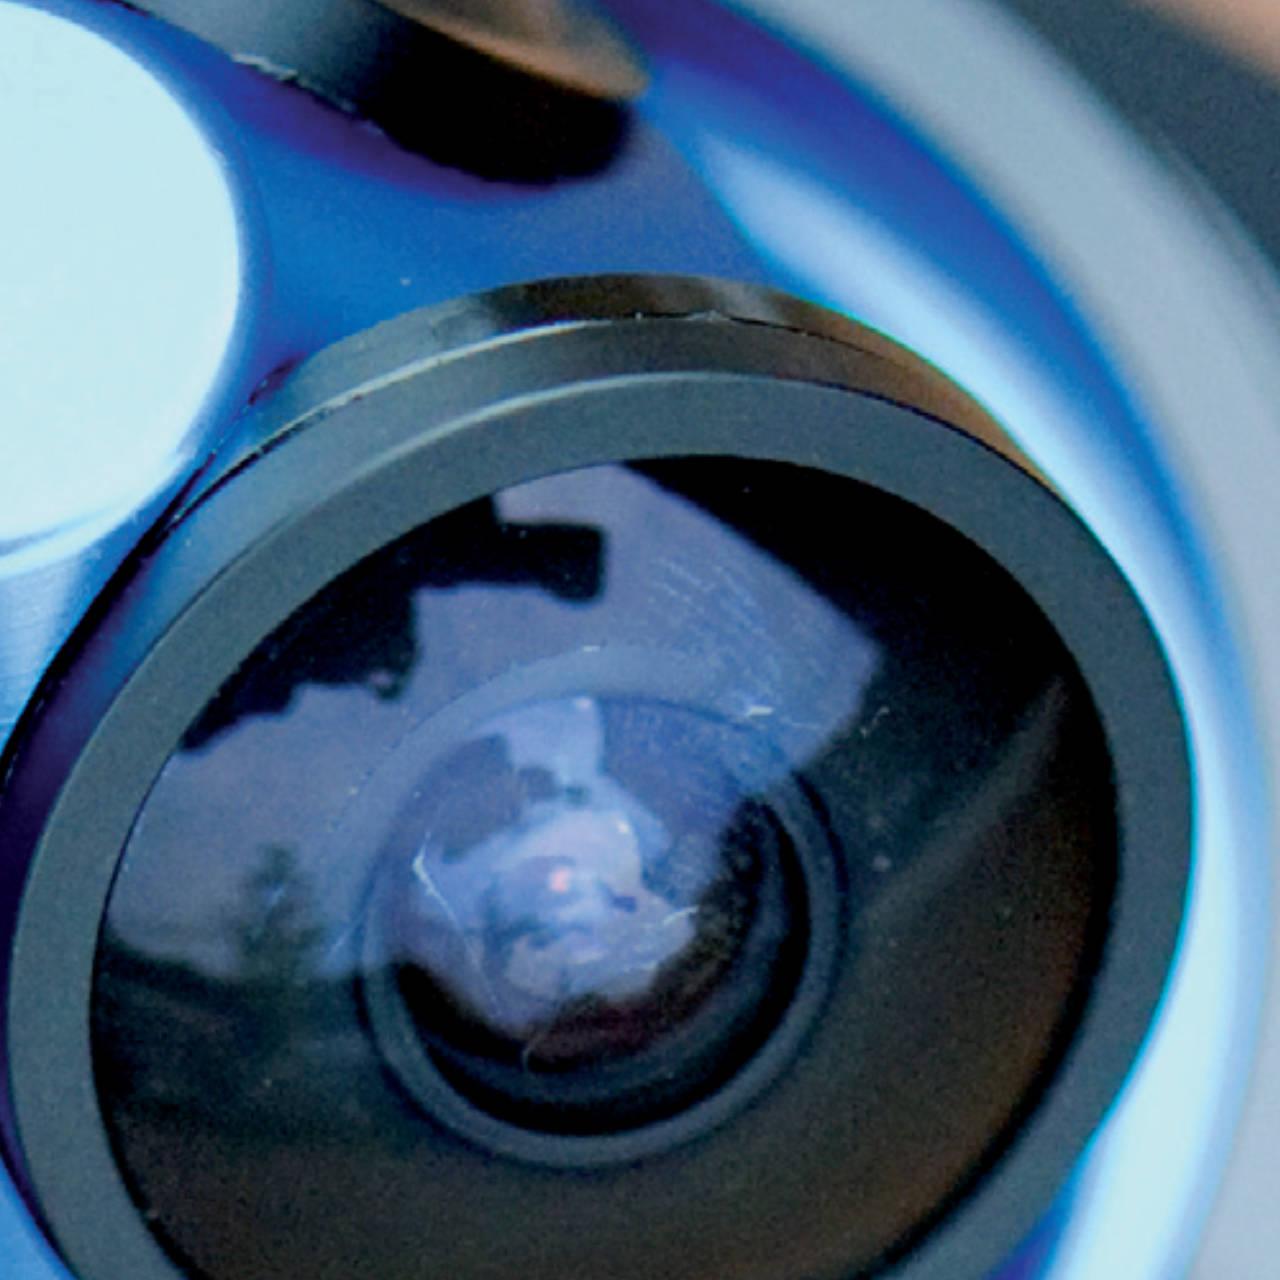 Giroptic-closeup